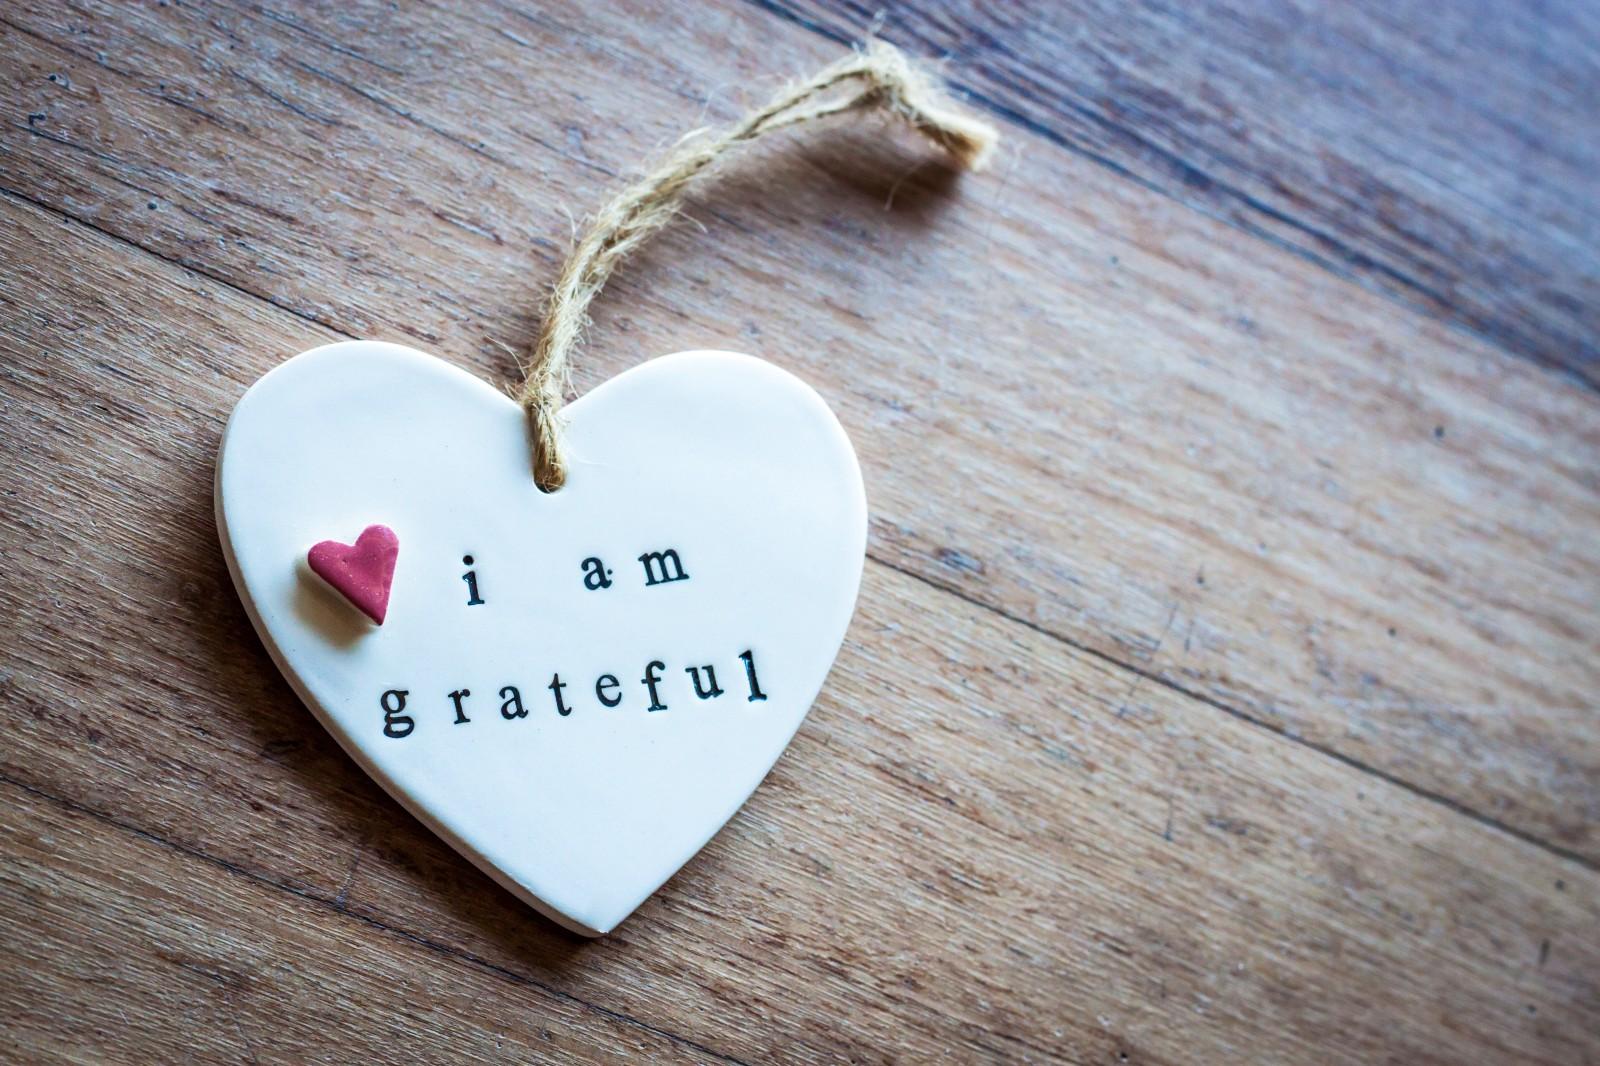 Nella vita con un cuore grato